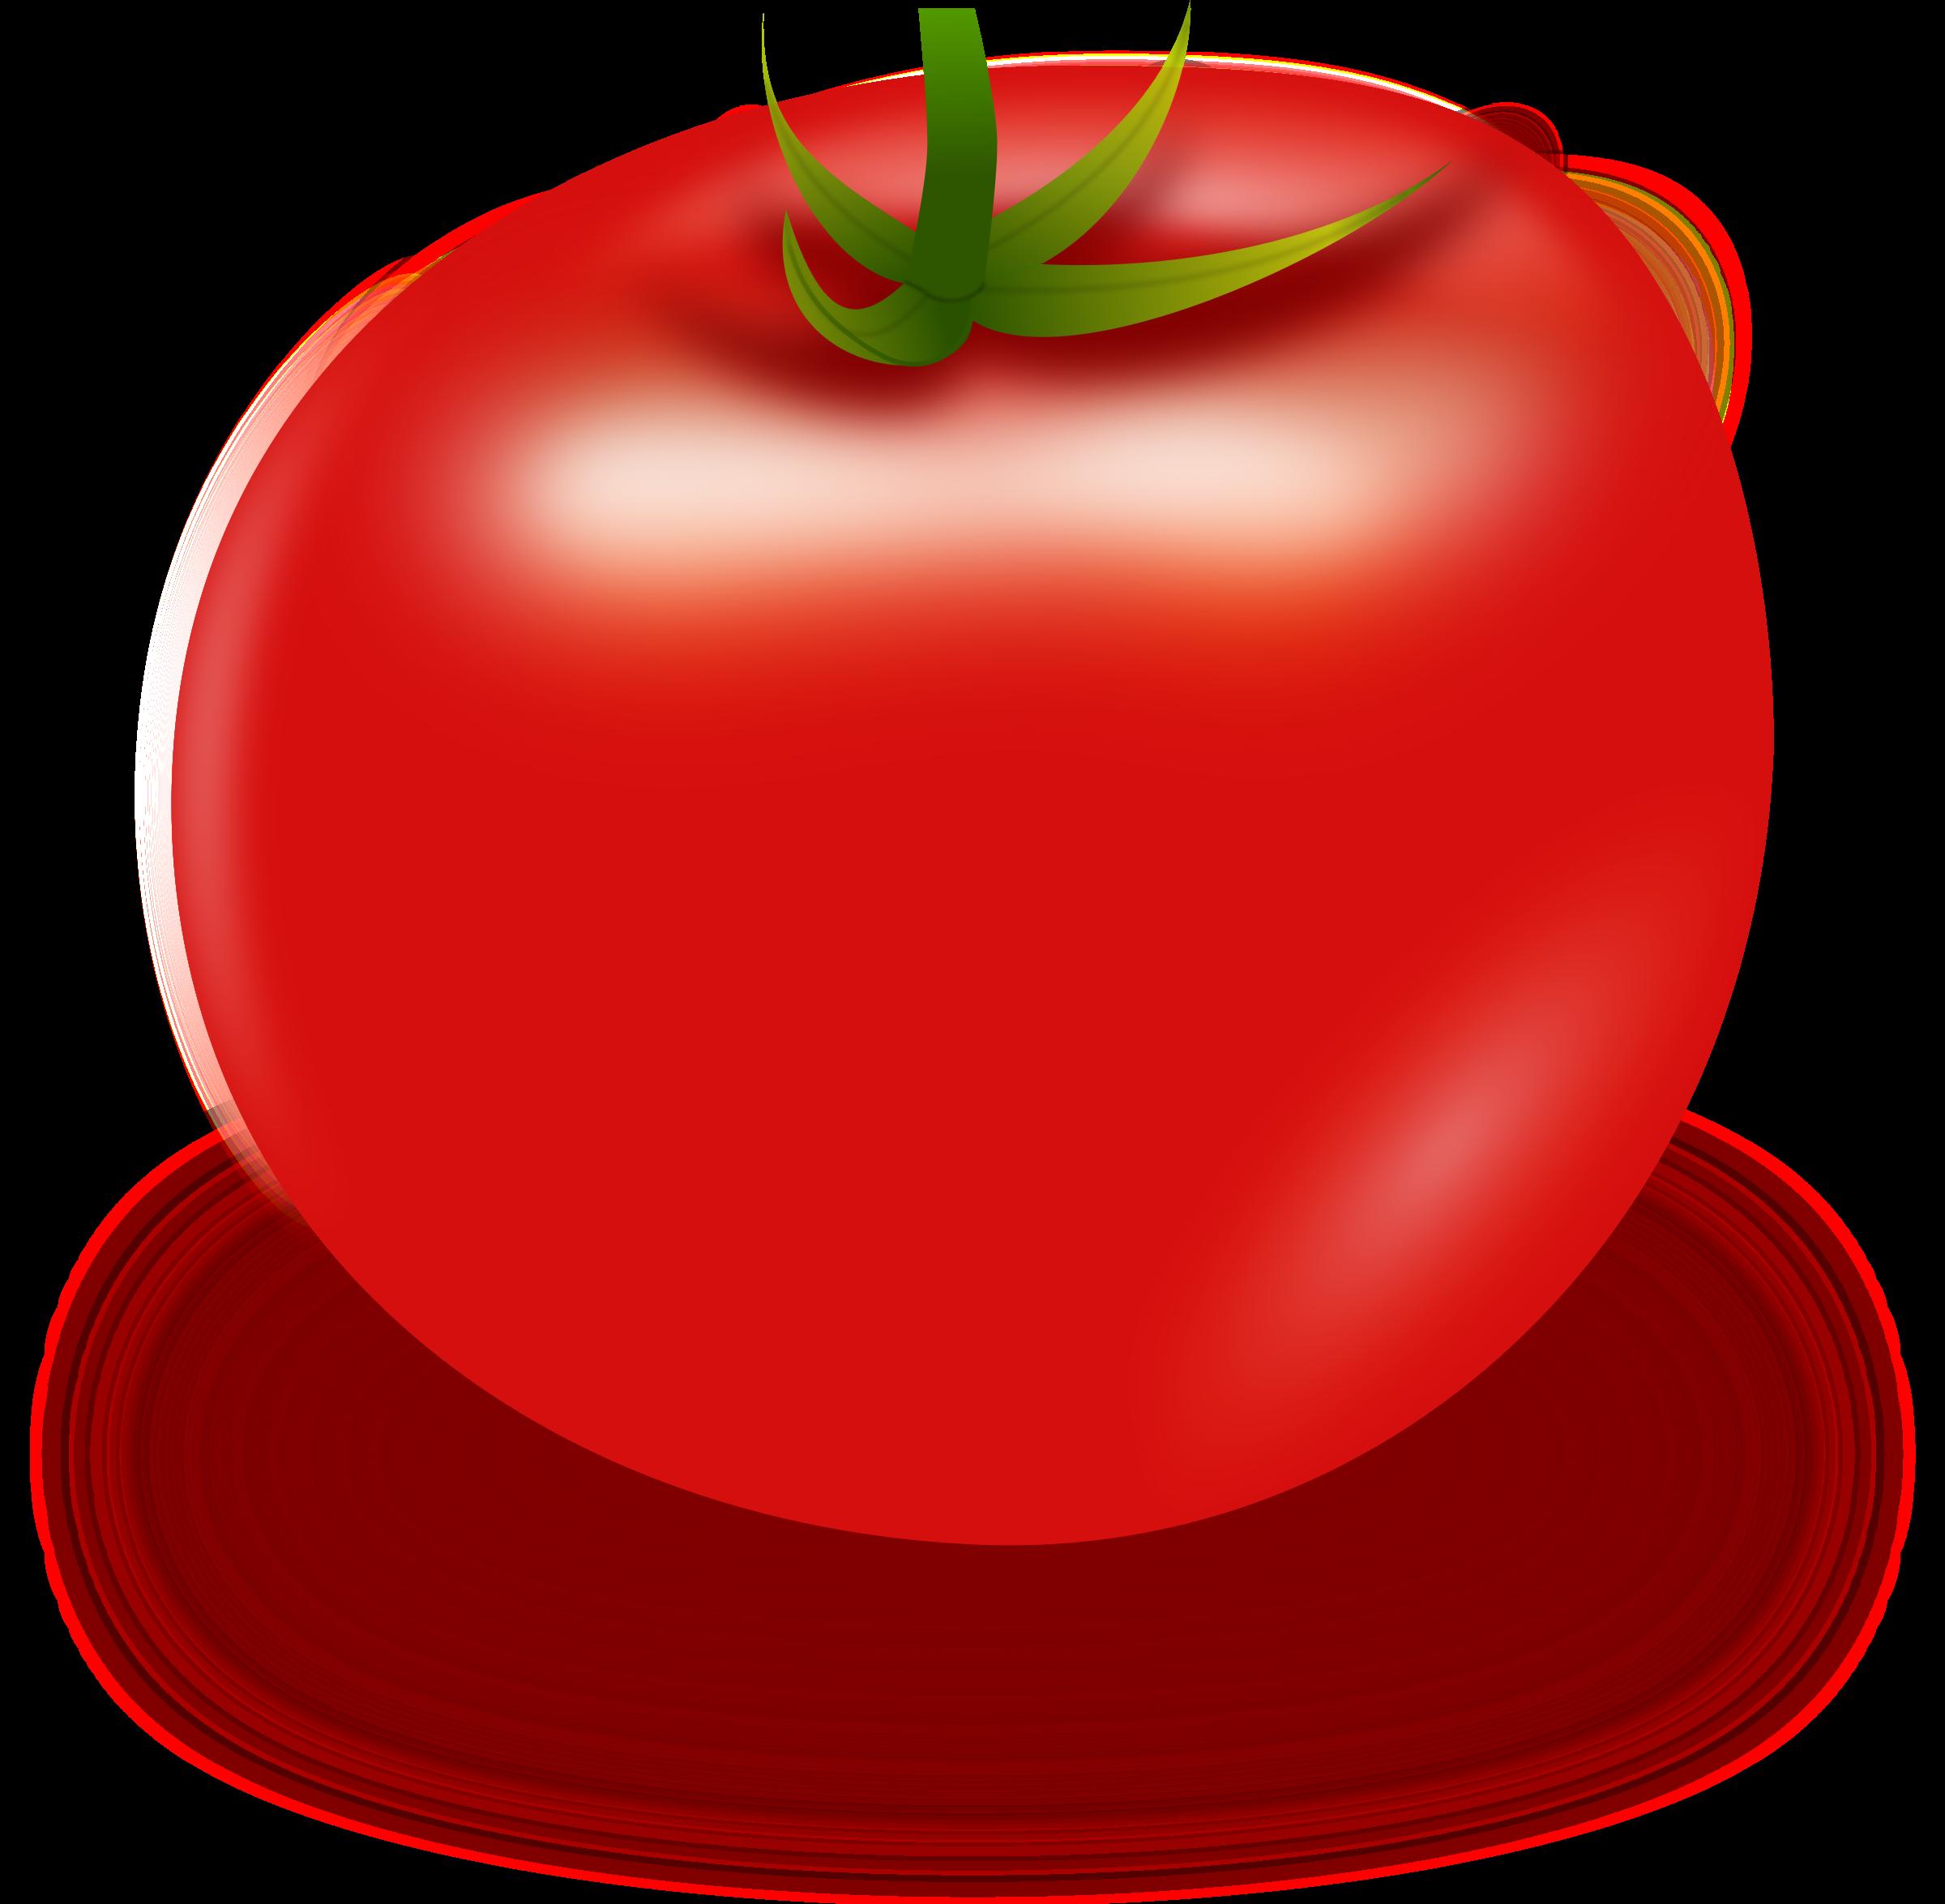 Tomato clip art.